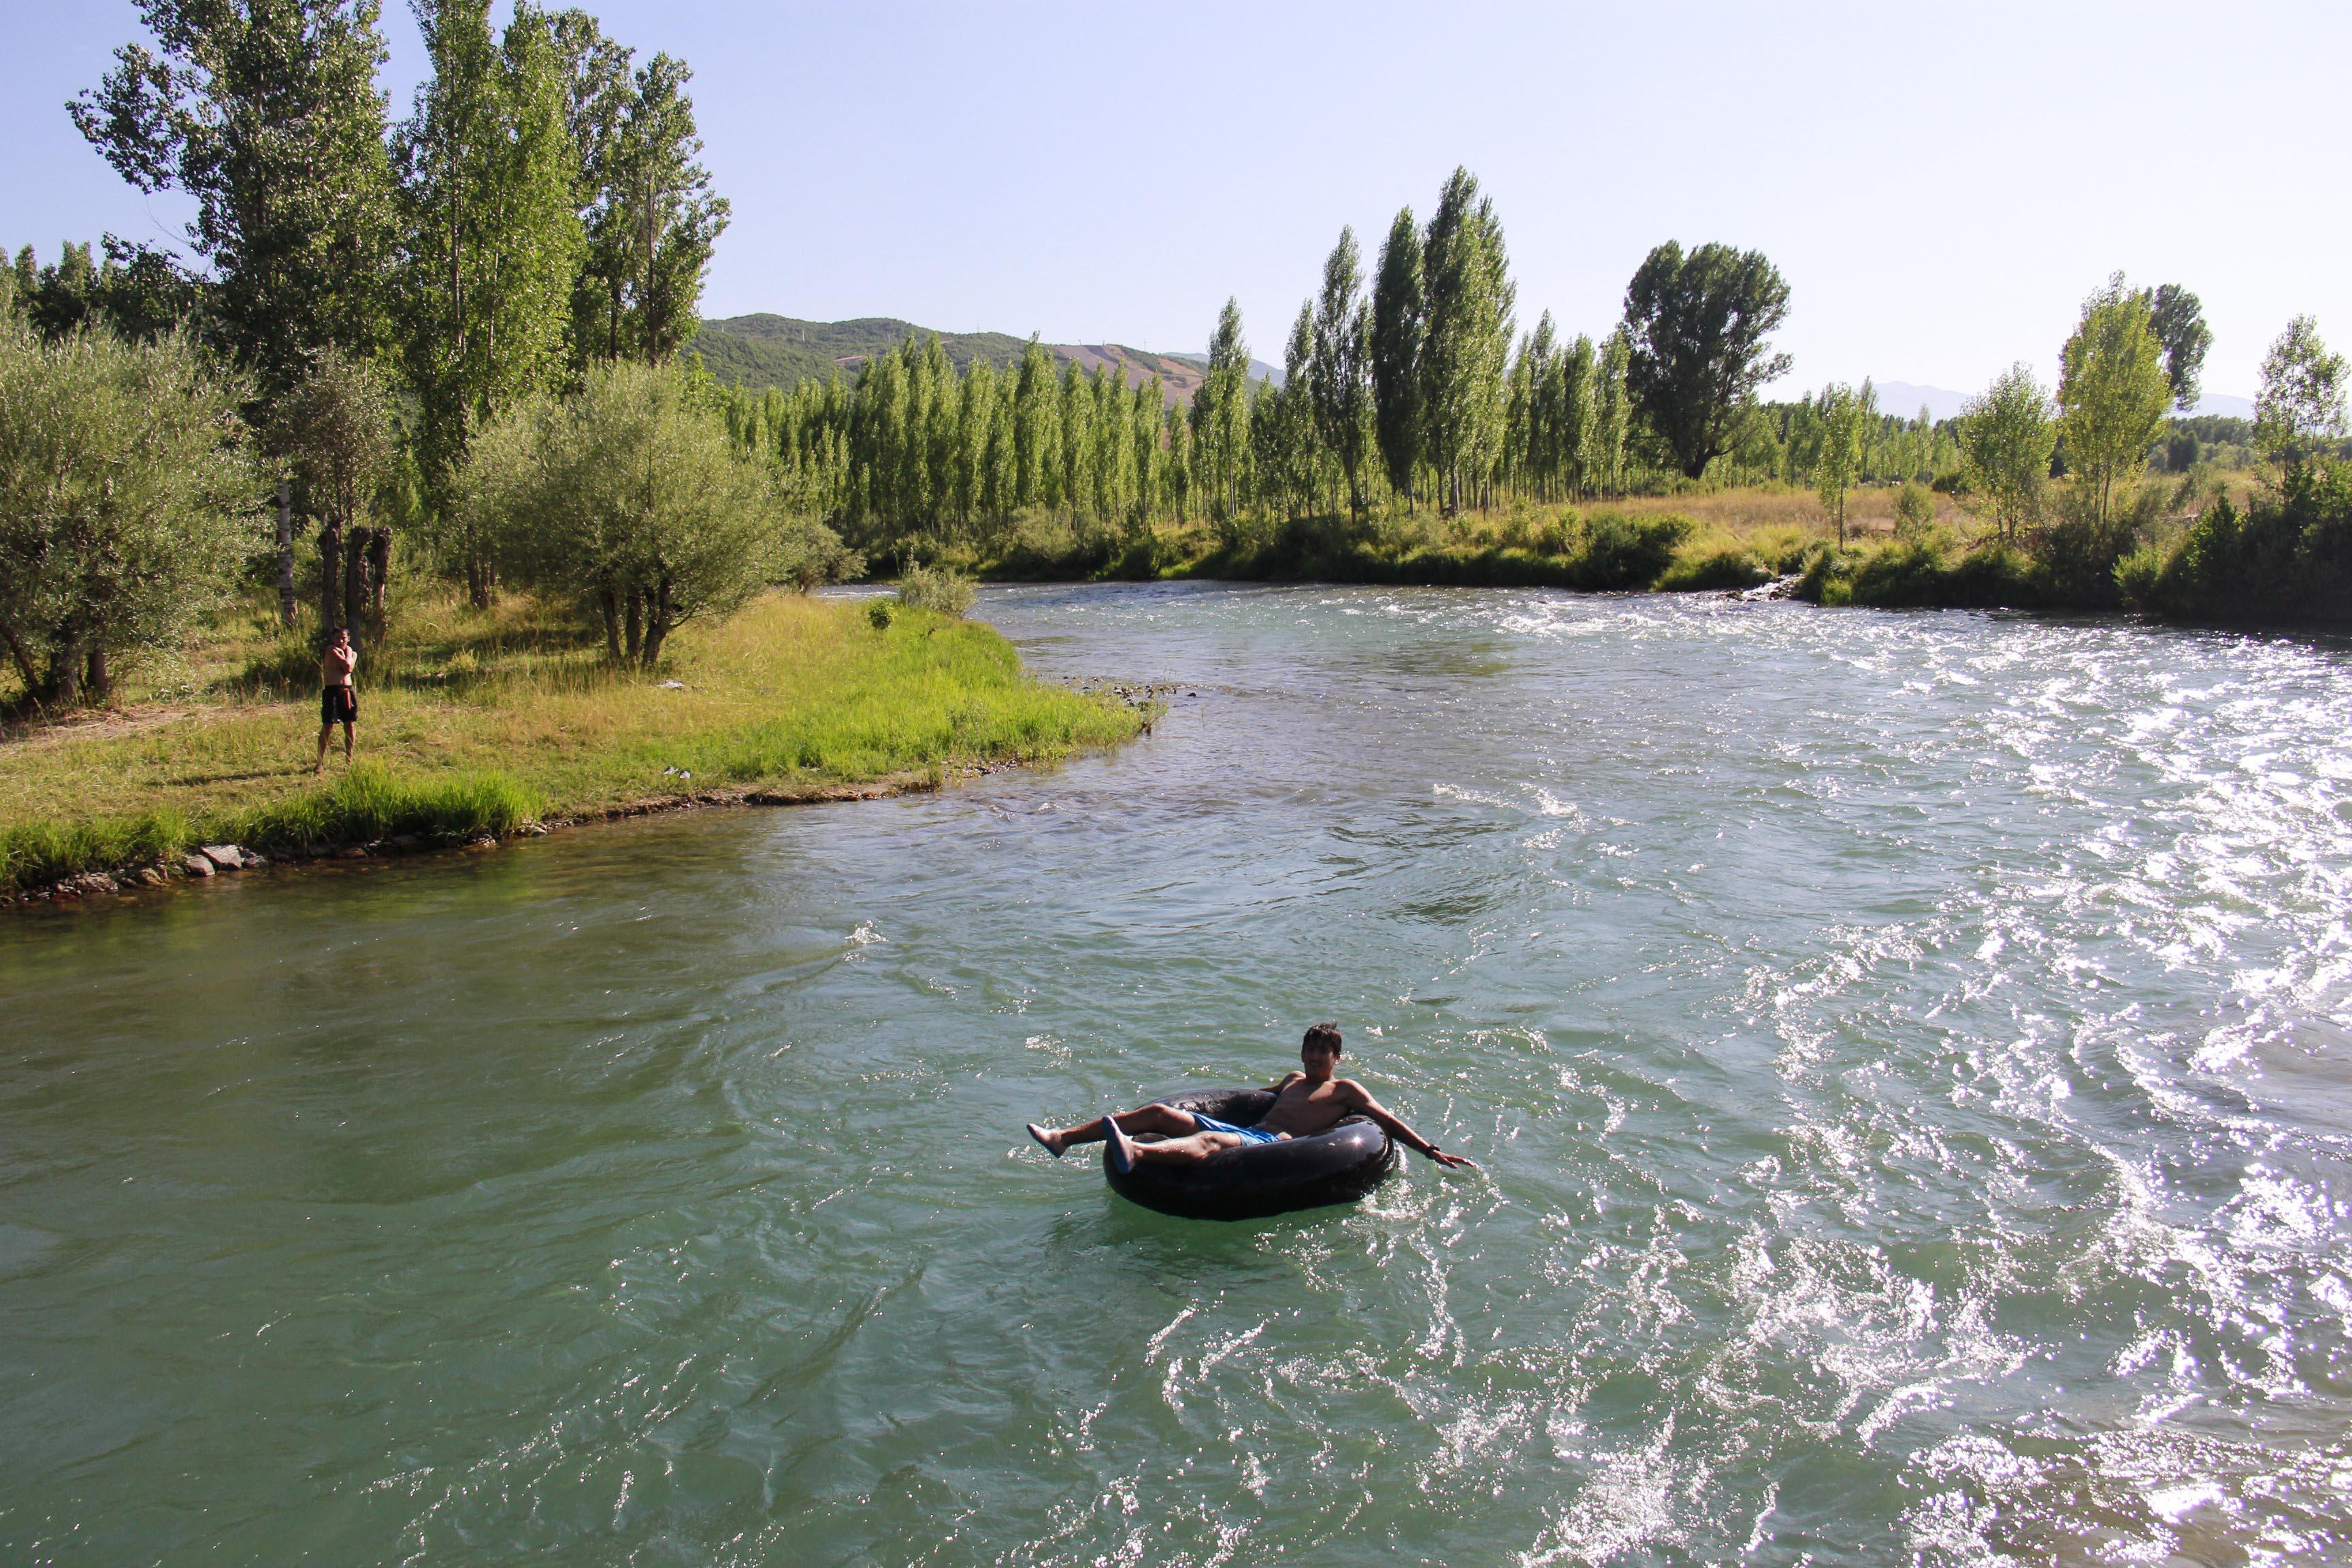 sambrelle-rafting-yapiyorlar-(9).jpg